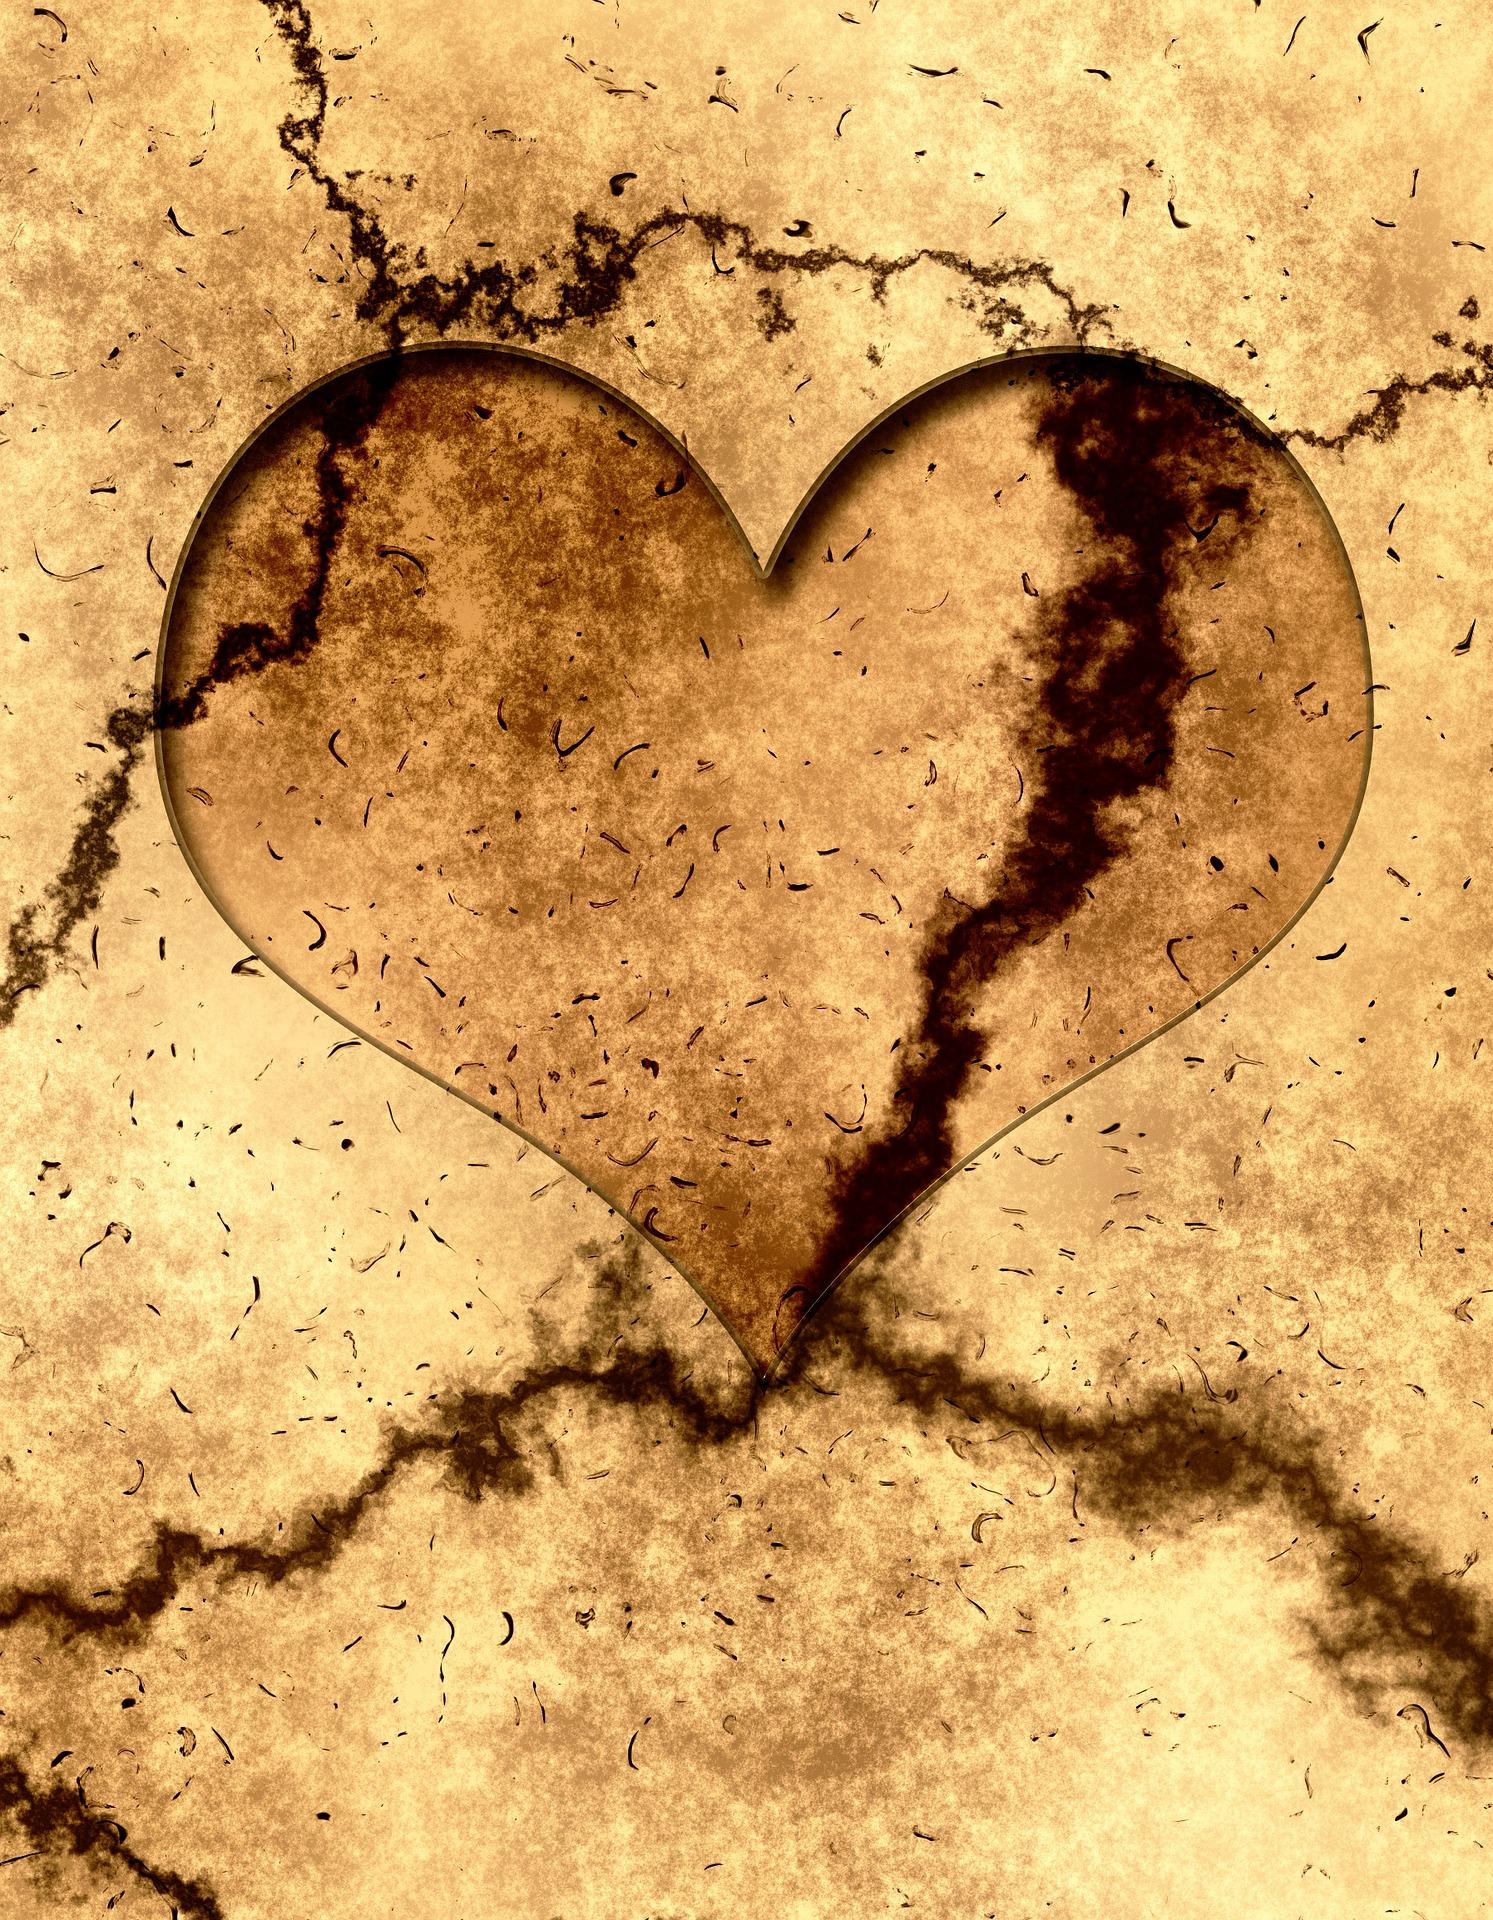 heart-401499_1920.jpg